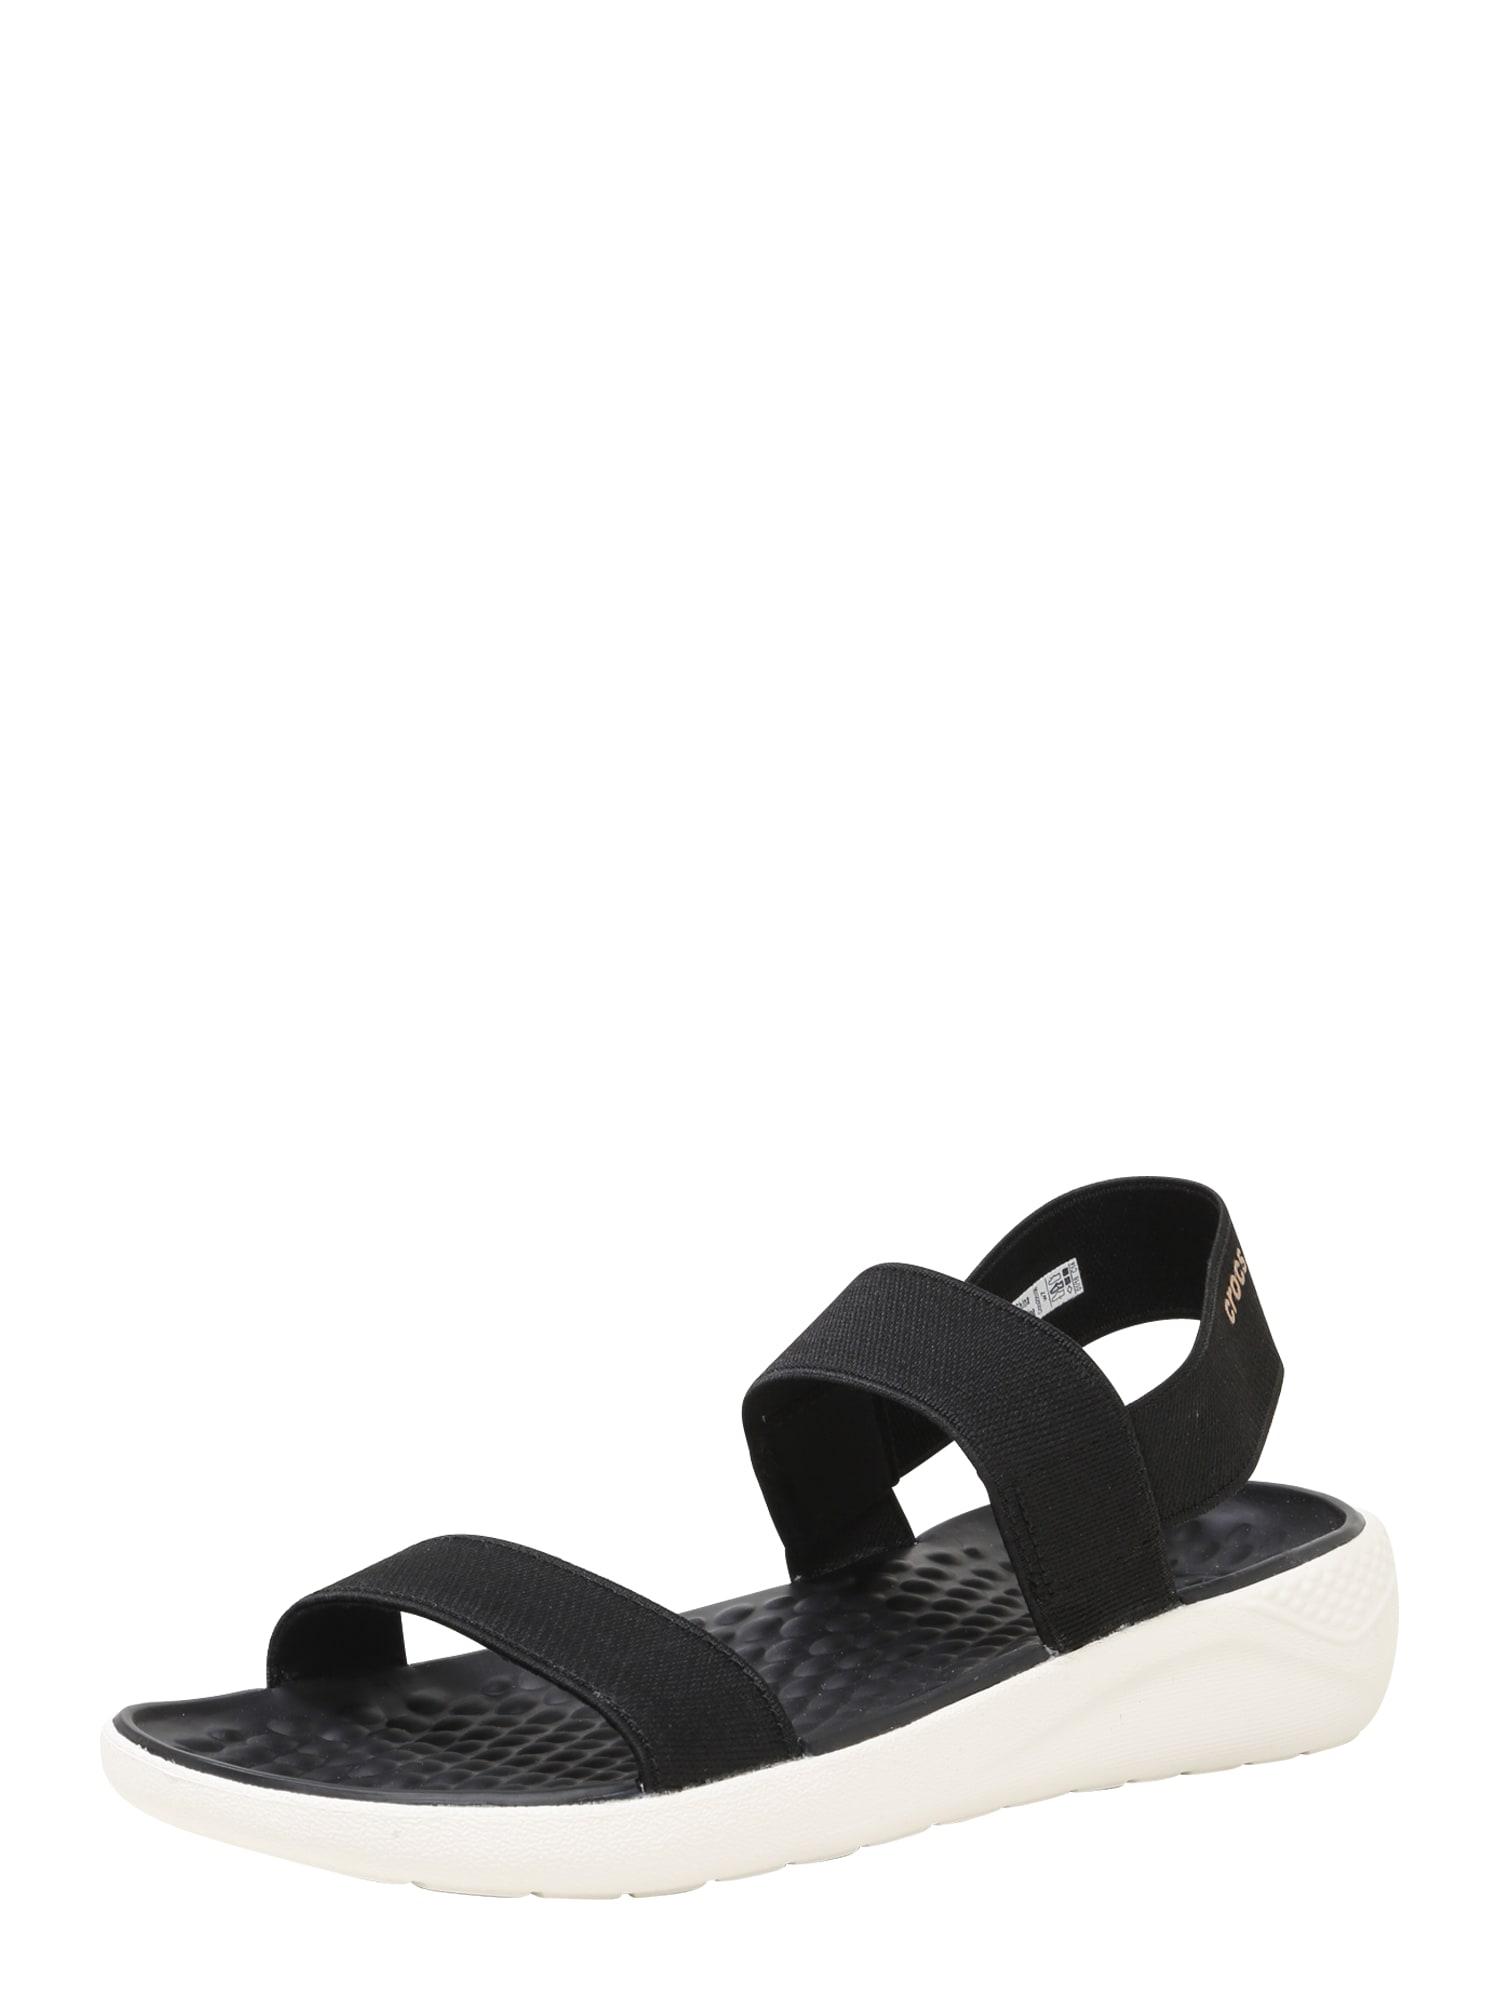 Páskové sandály LiteRide černá Crocs